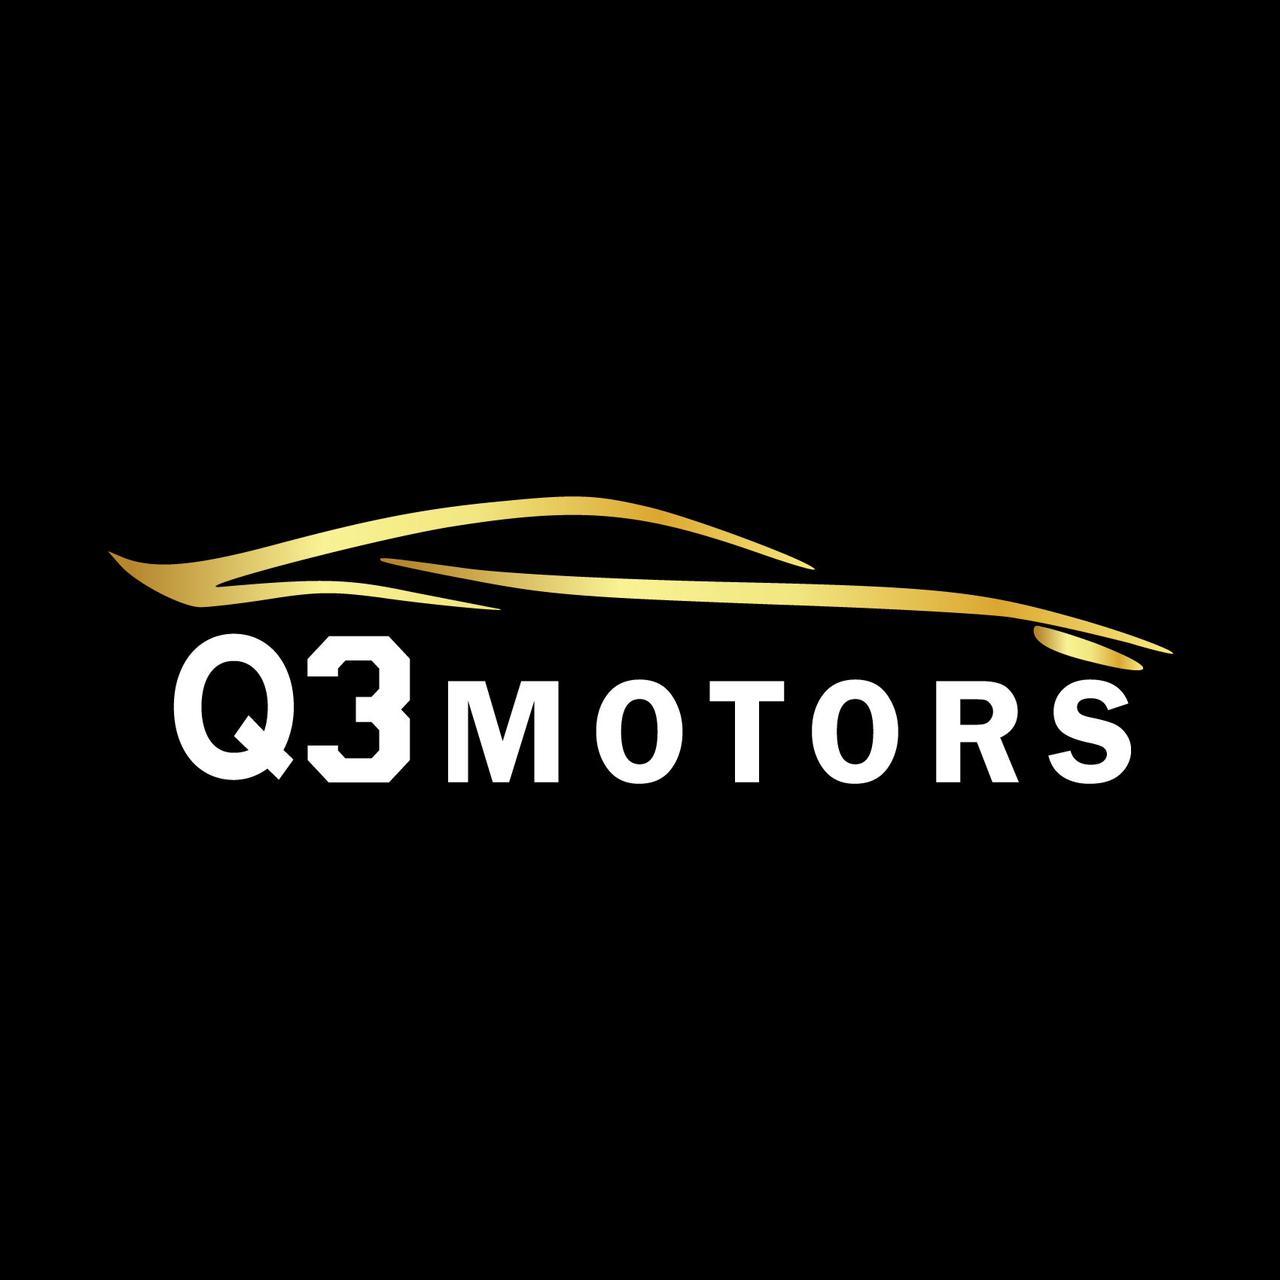 Q3 Motors